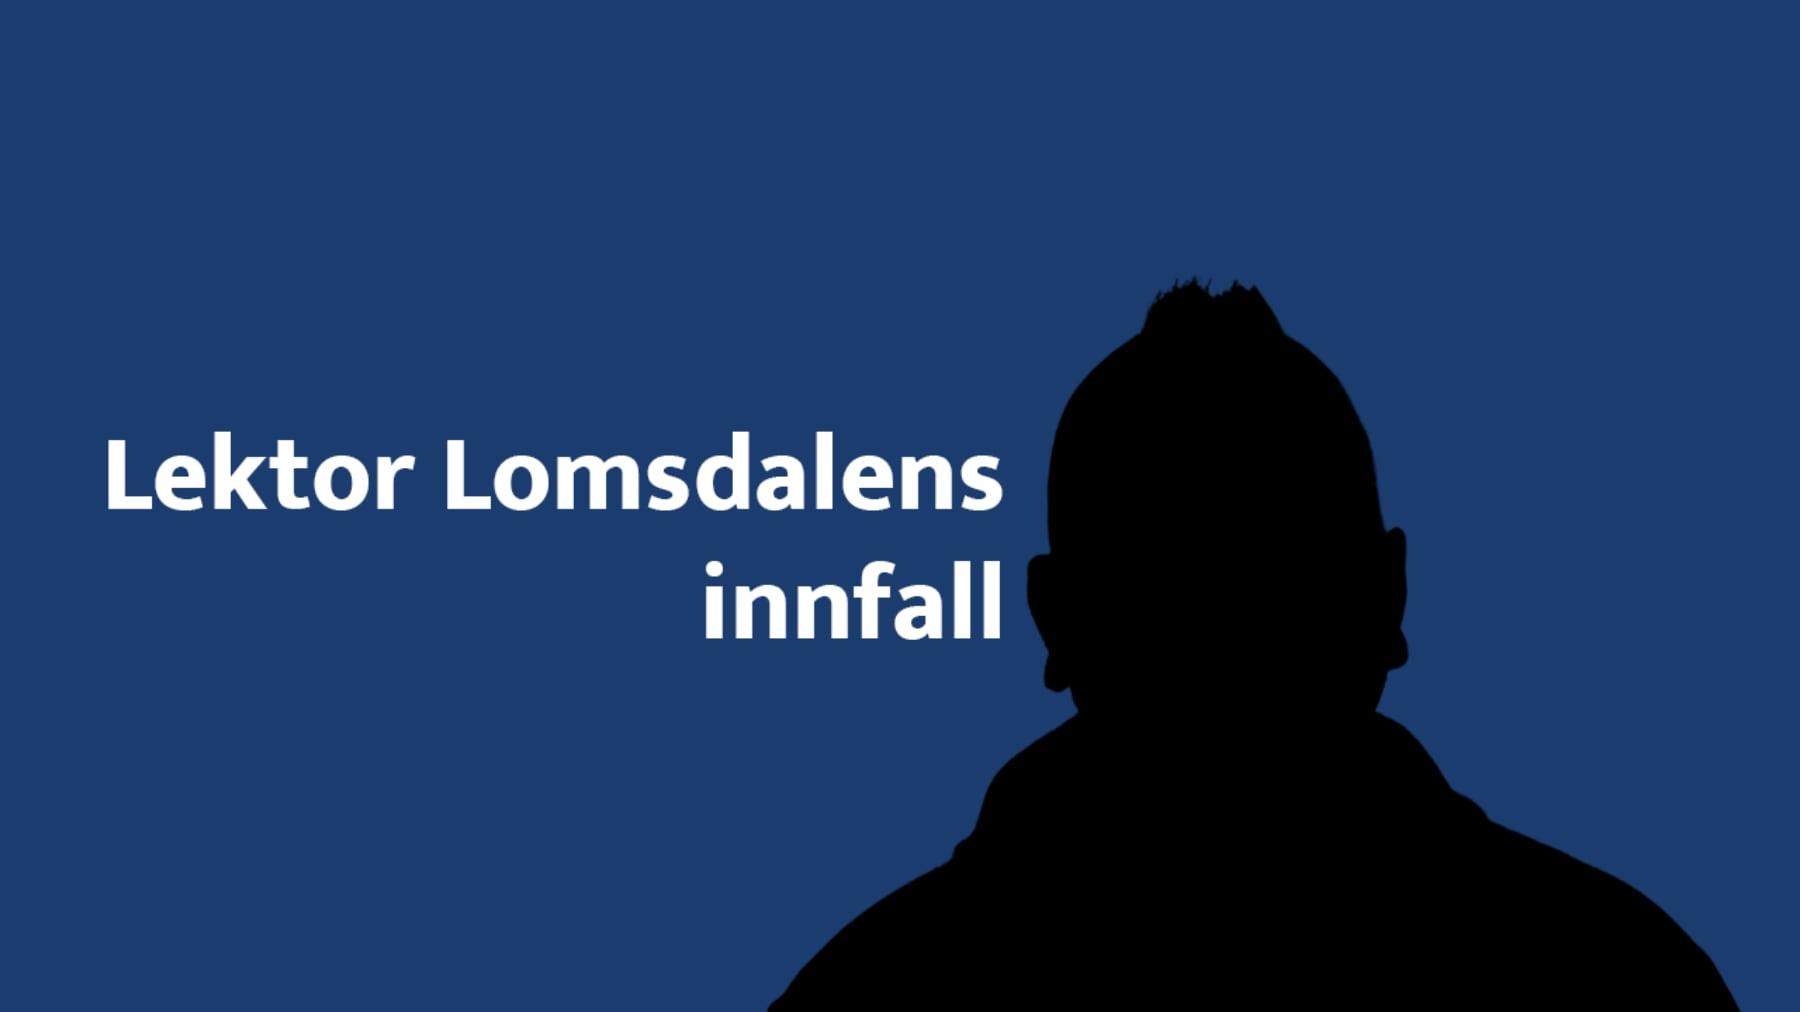 Logo for podkasten Lektor Lomsdalens innfall